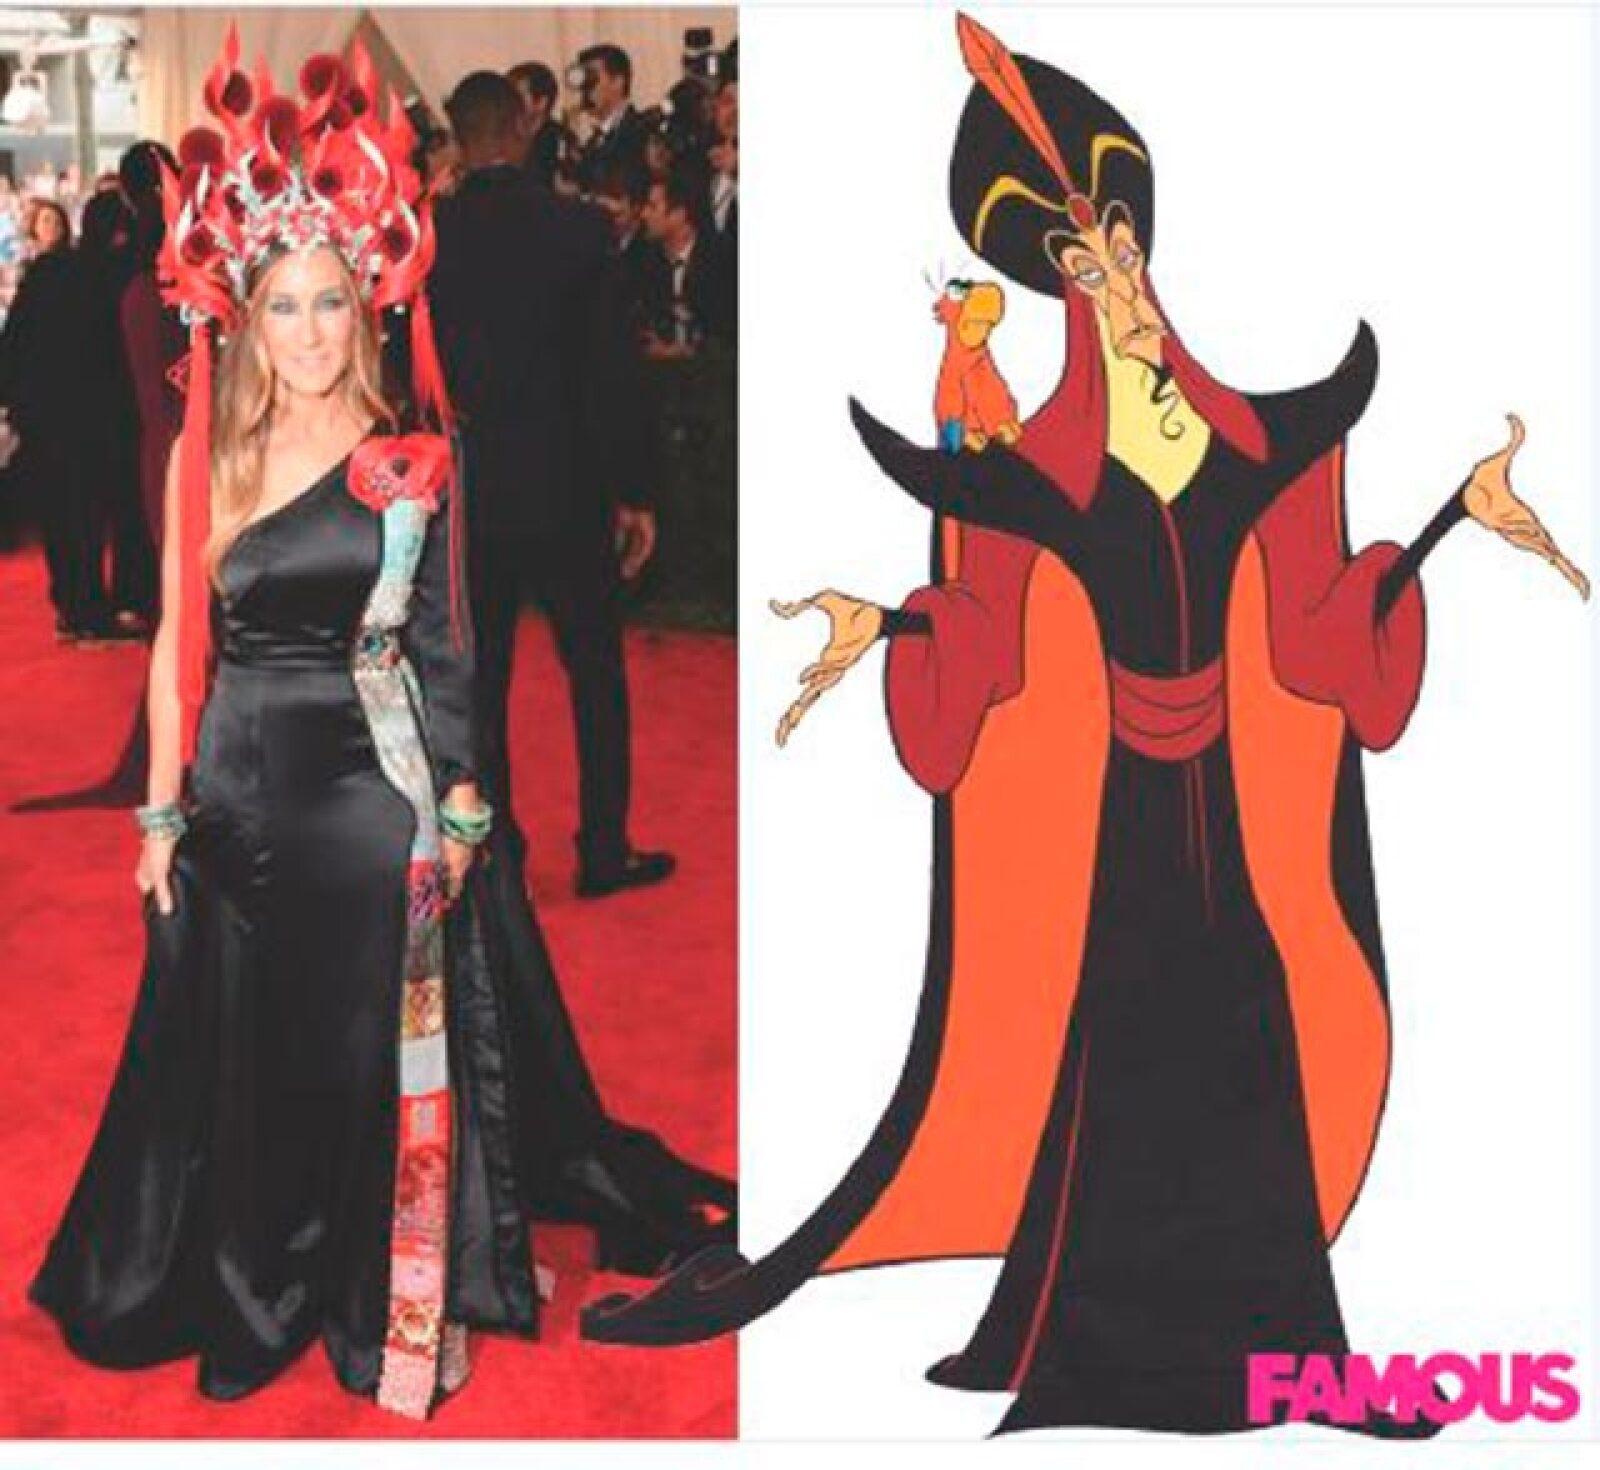 Sarah Jessica Parker comparada con Jafar, el villano de la película animada Aladdín.